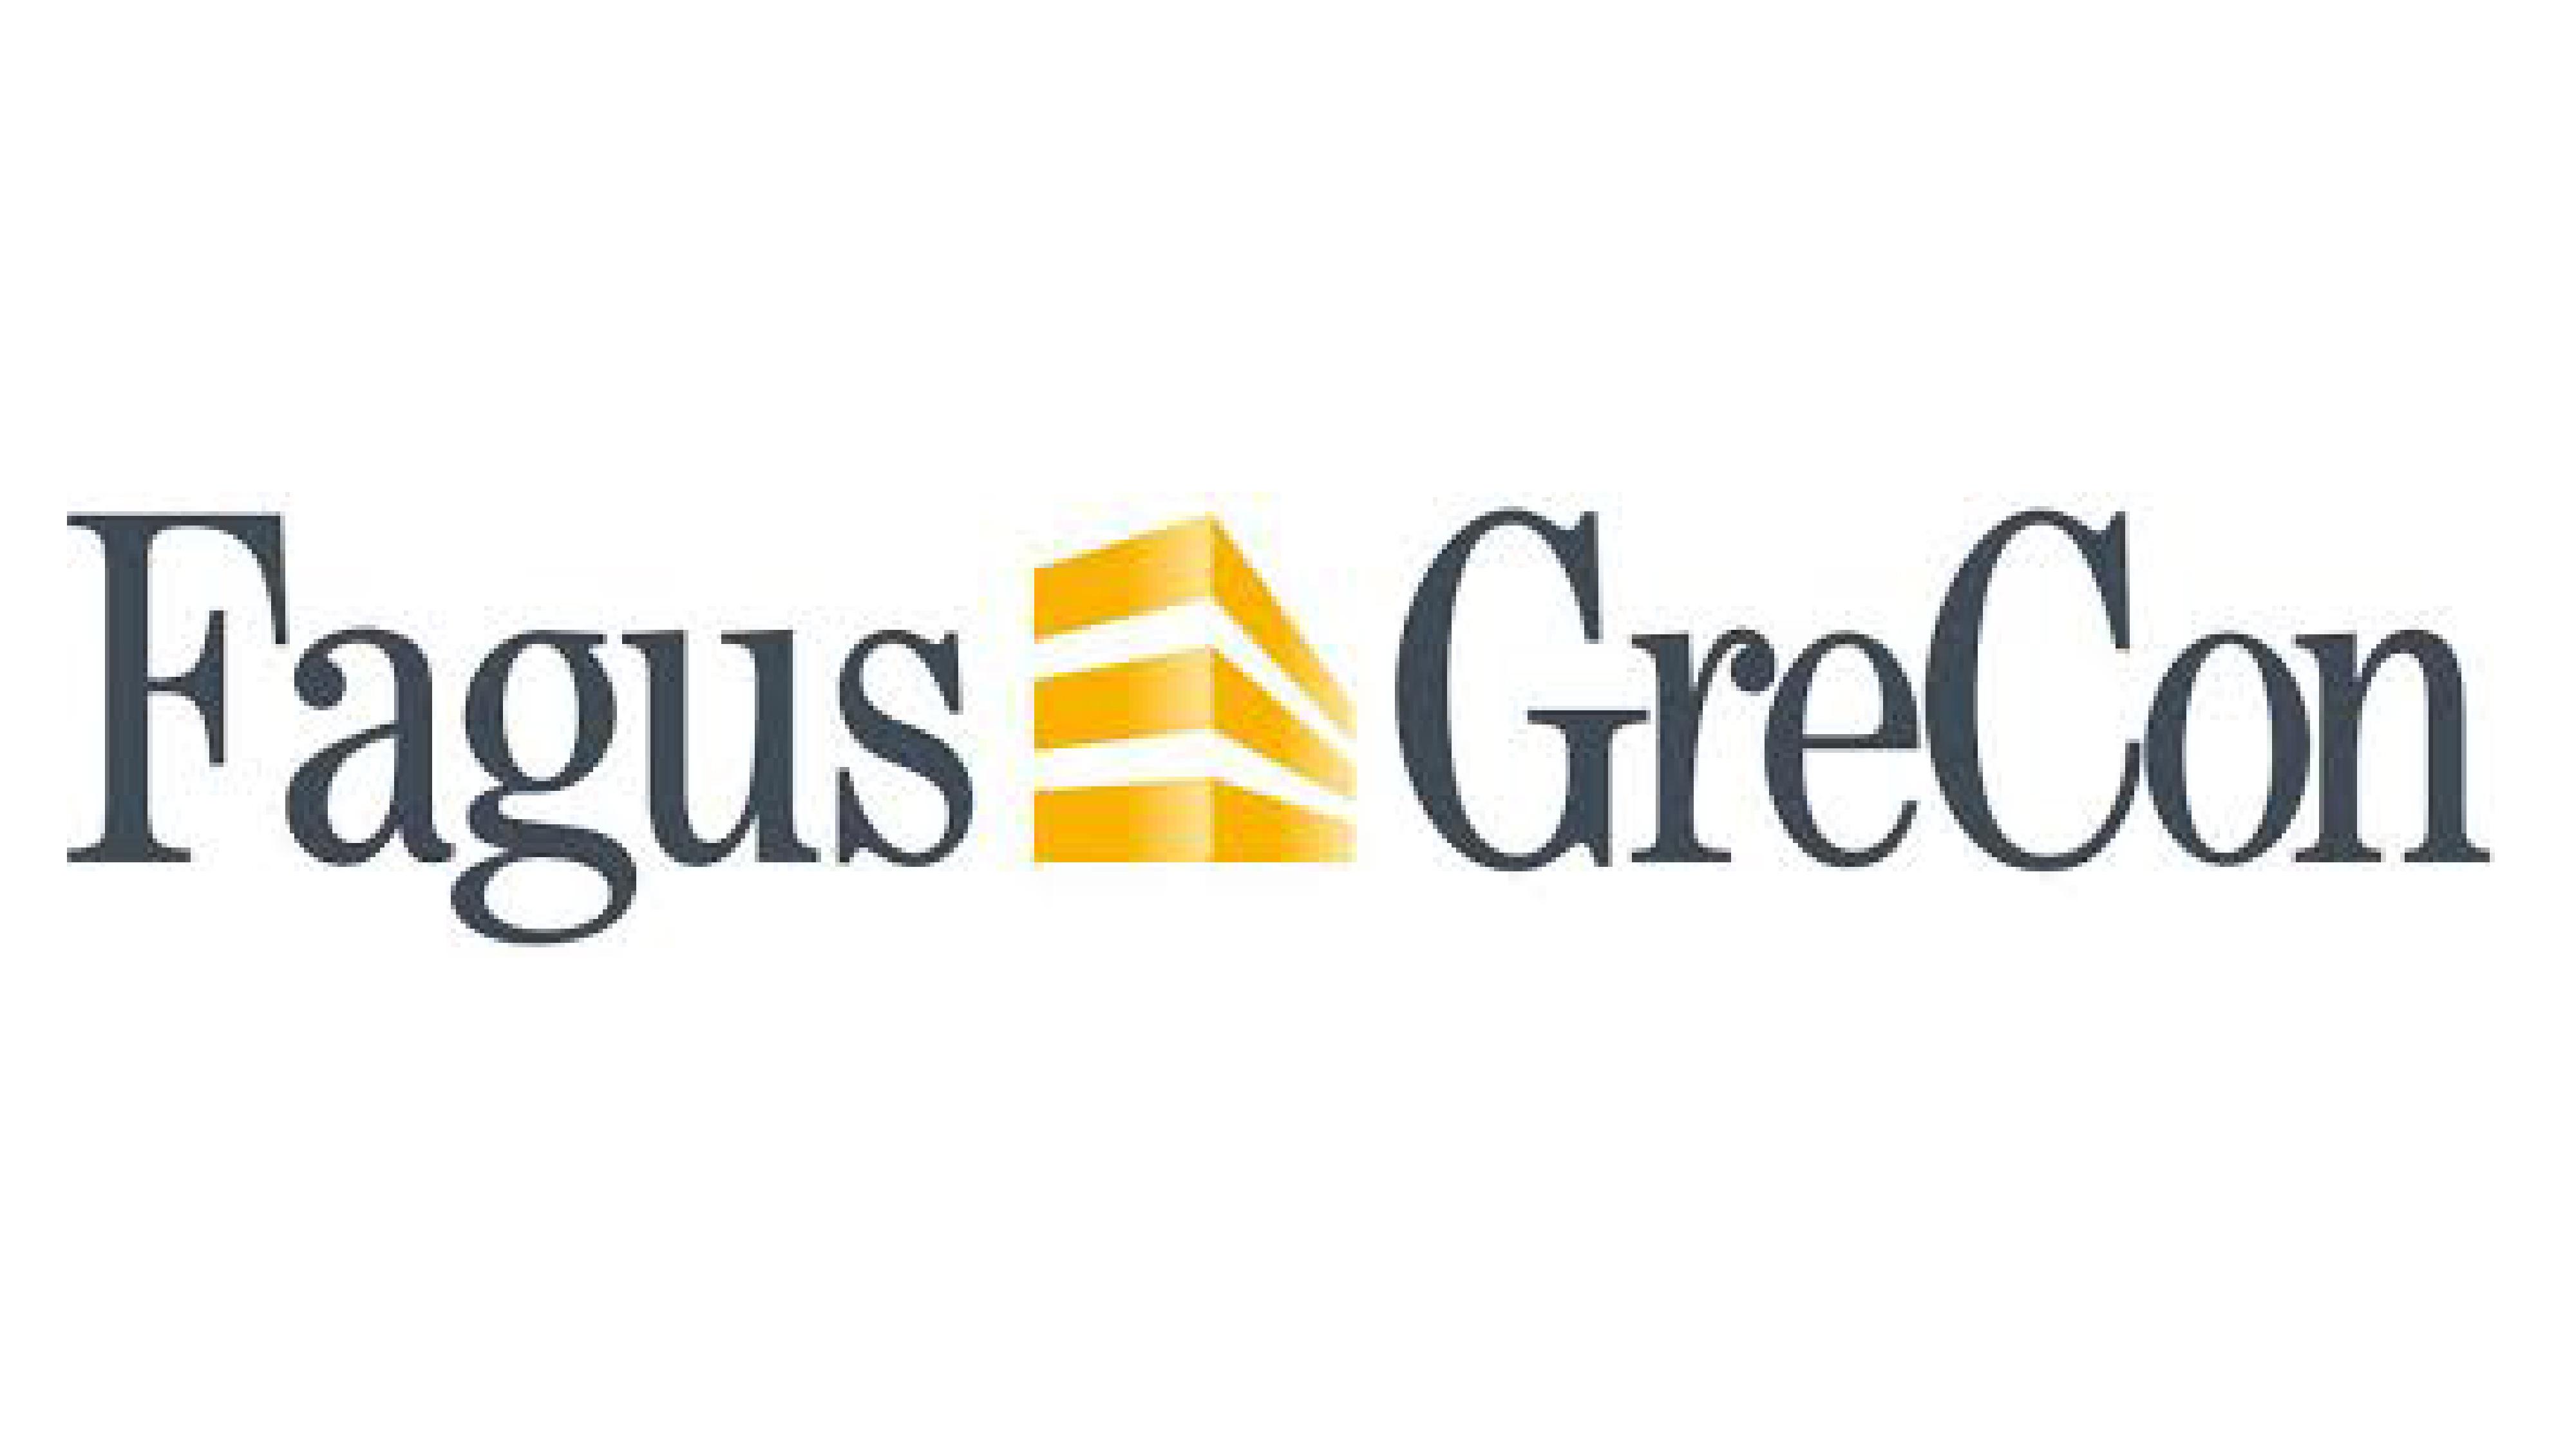 Fagus Grecon Alfeld